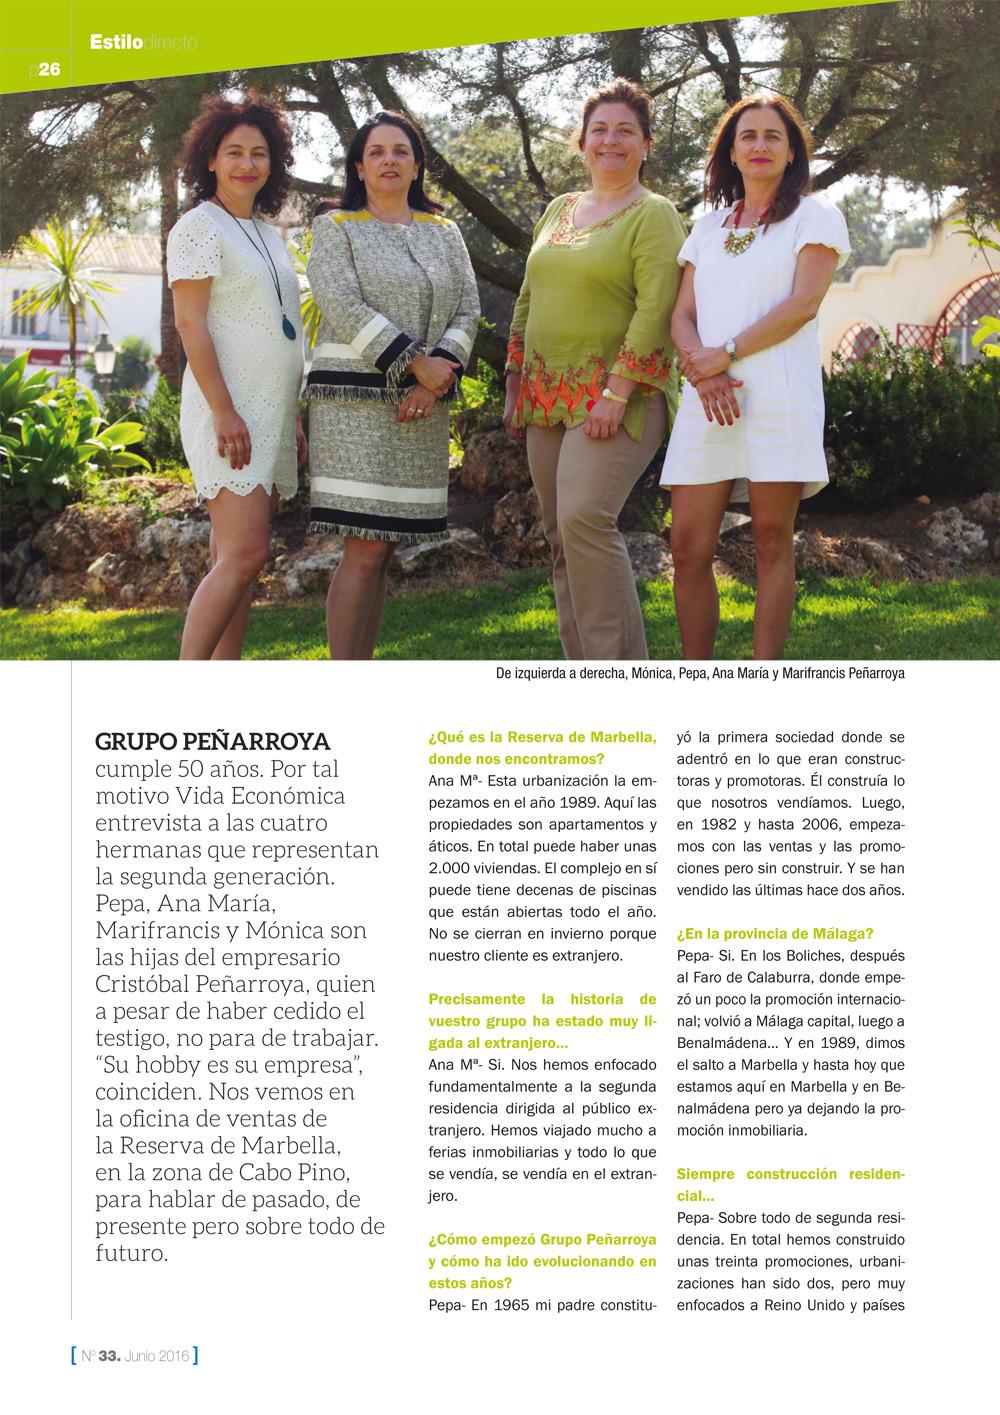 Entrevista Vida Económica Grupo Peñarroya